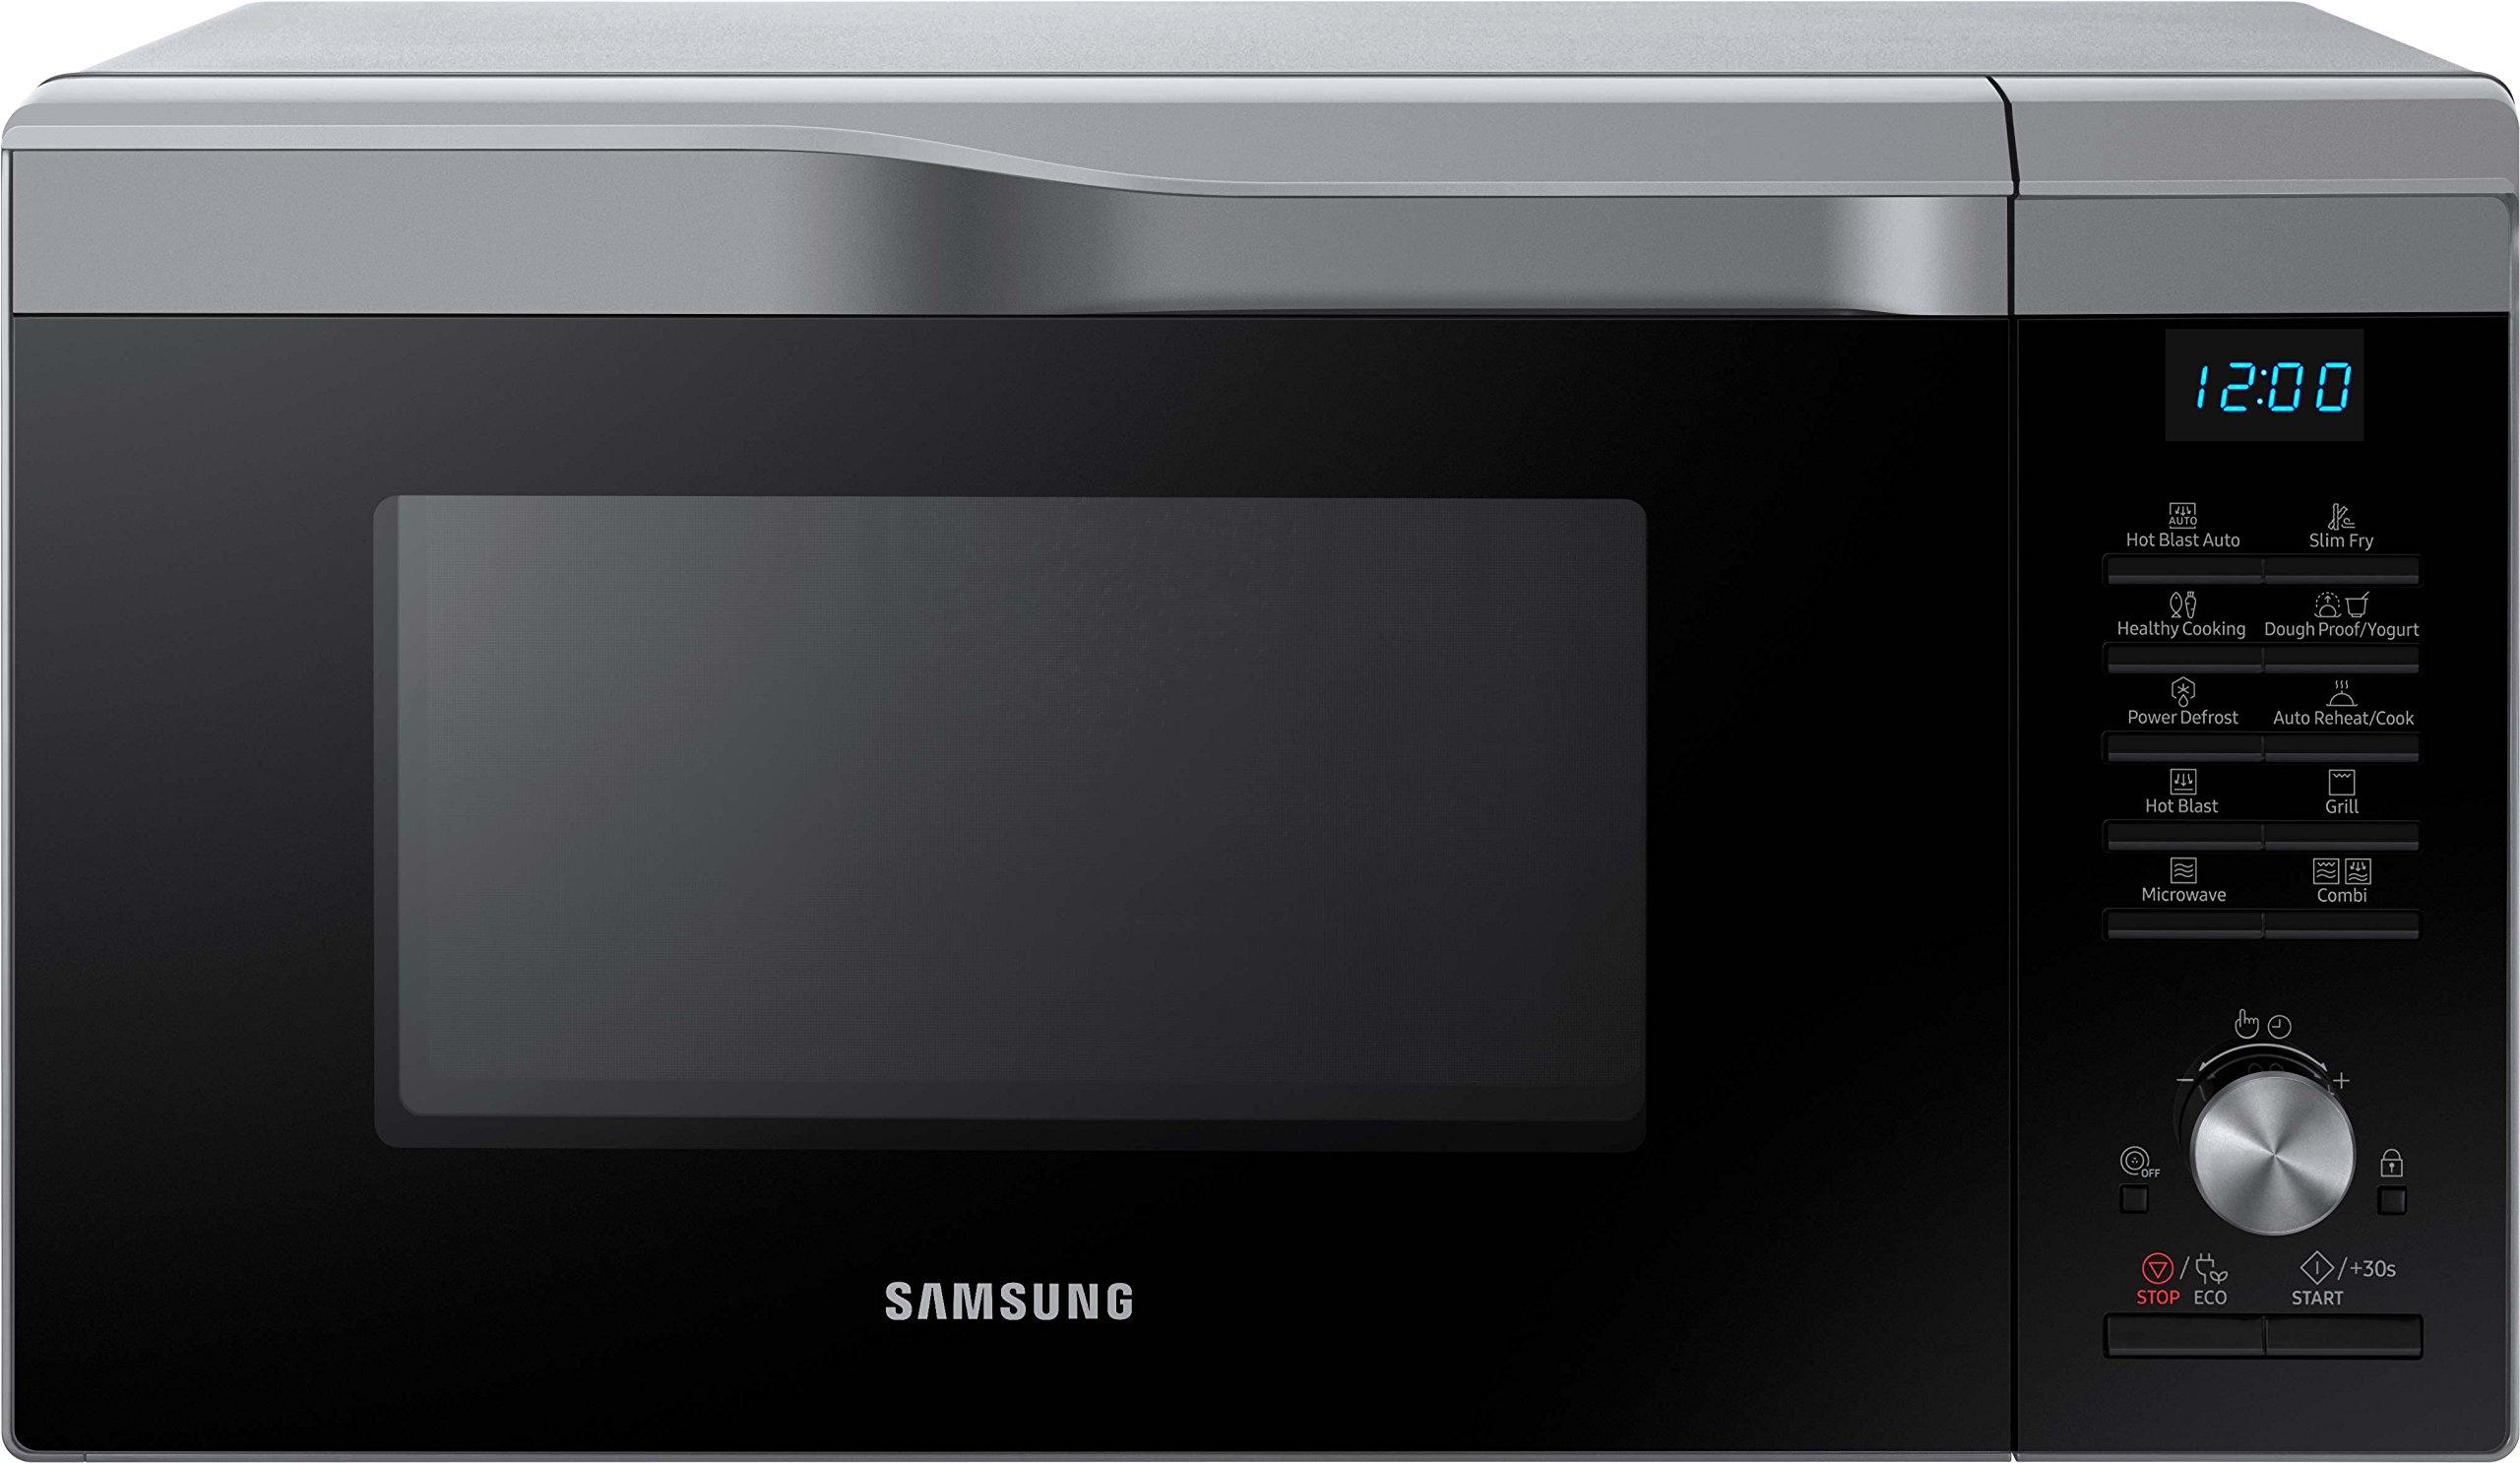 Samsung MC28M6035CS/EG Kombi-Mikrowelle mit Grill und Heißluft, 900 Watt, 28 Liter, silber